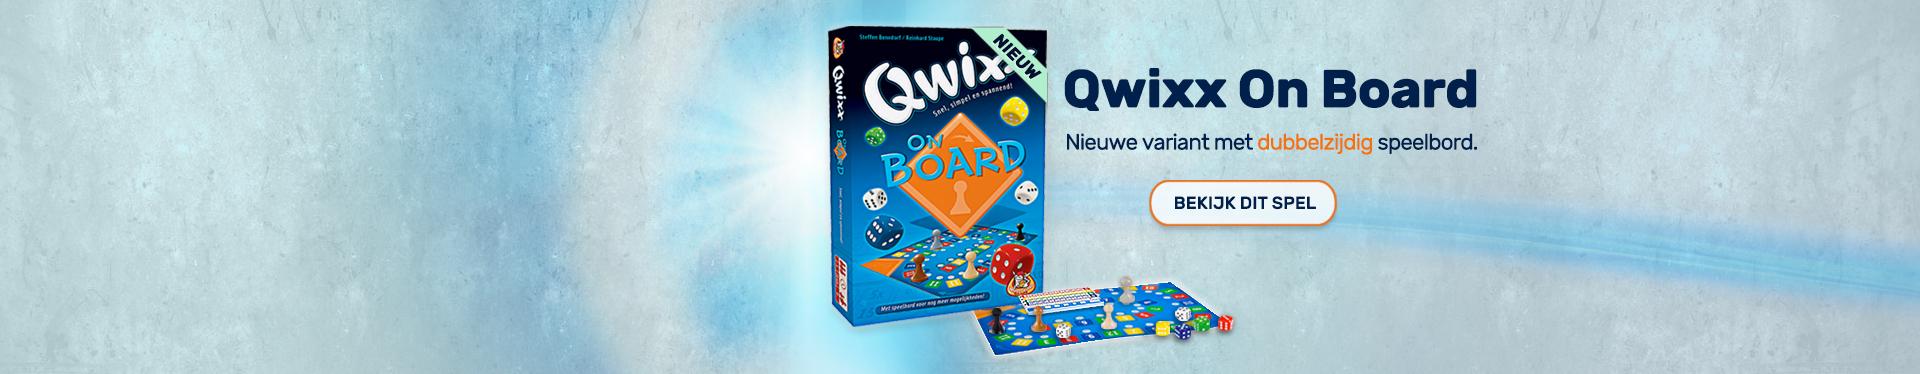 Qwixx - On Board